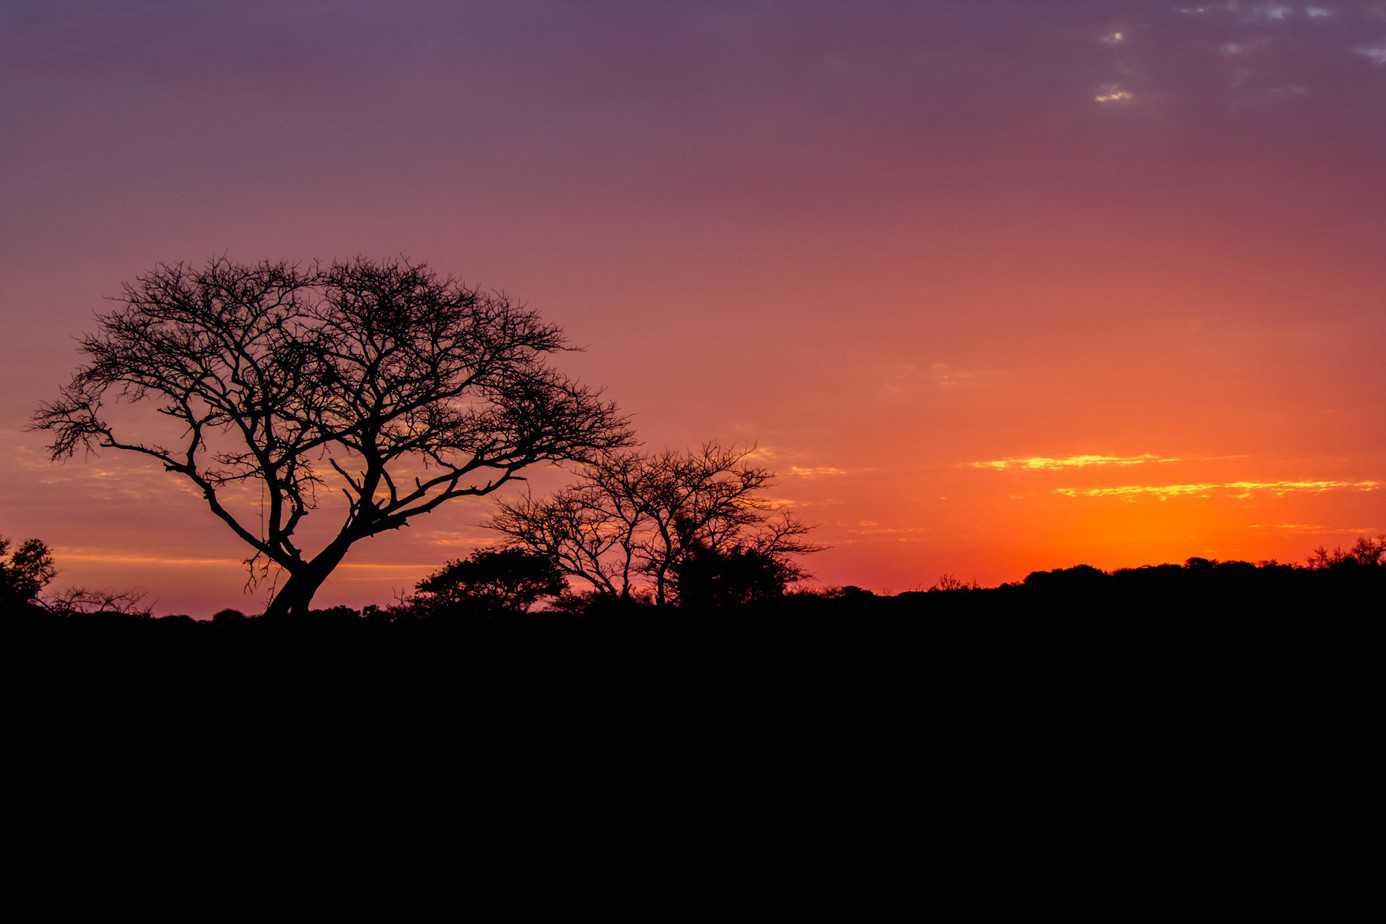 IMG 0305 - Tembe Elephant Park